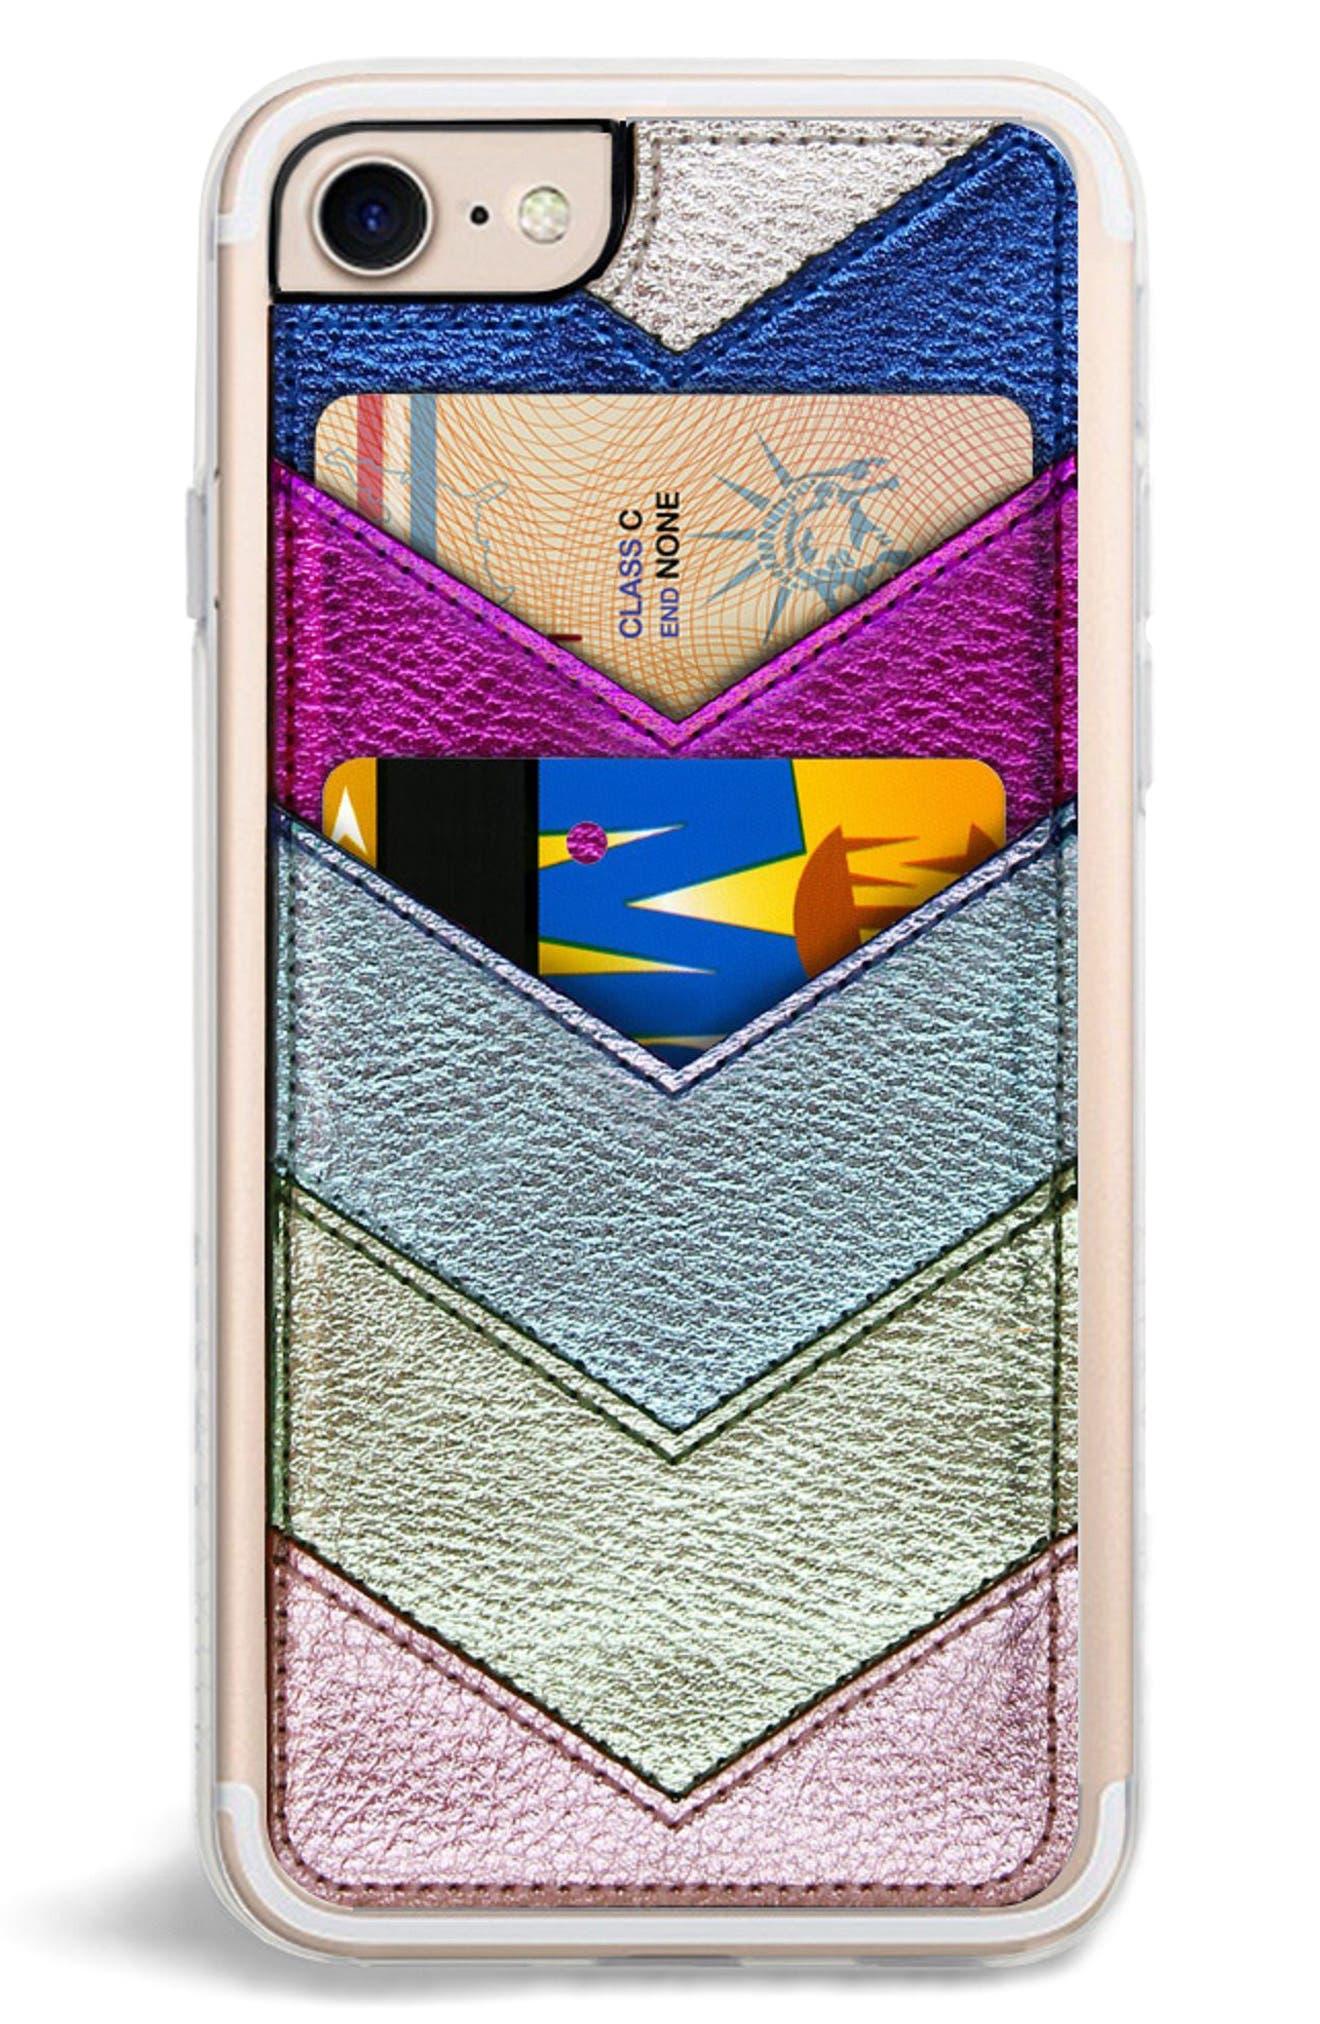 Chevron Faux Leather iPhone 6/6s/7/8 & 6/6s/7/8 Plus Case,                             Alternate thumbnail 2, color,                             650